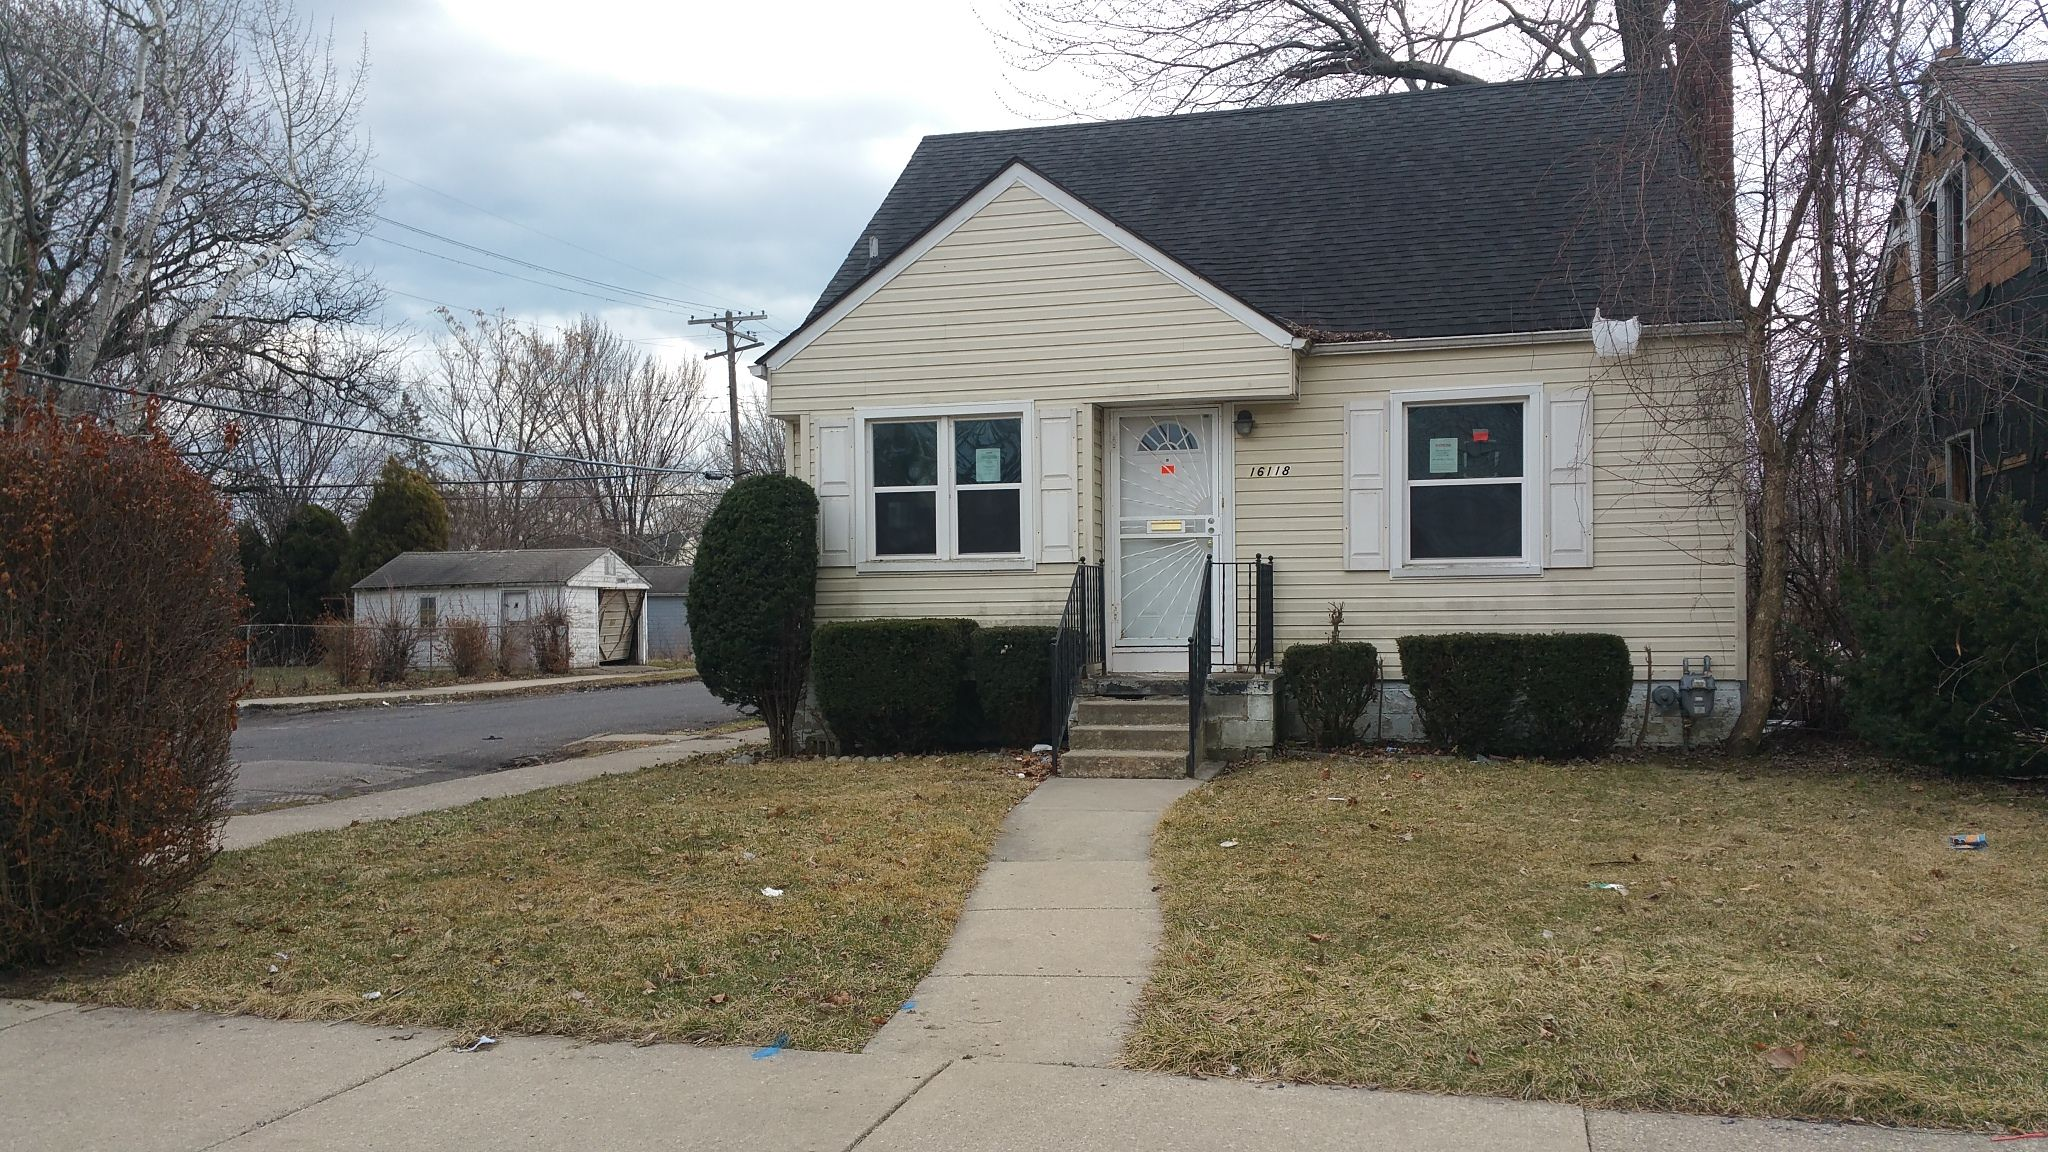 $8000  16118 Manning St Detroit, MI, 48205 Wayne County | HUD Homes